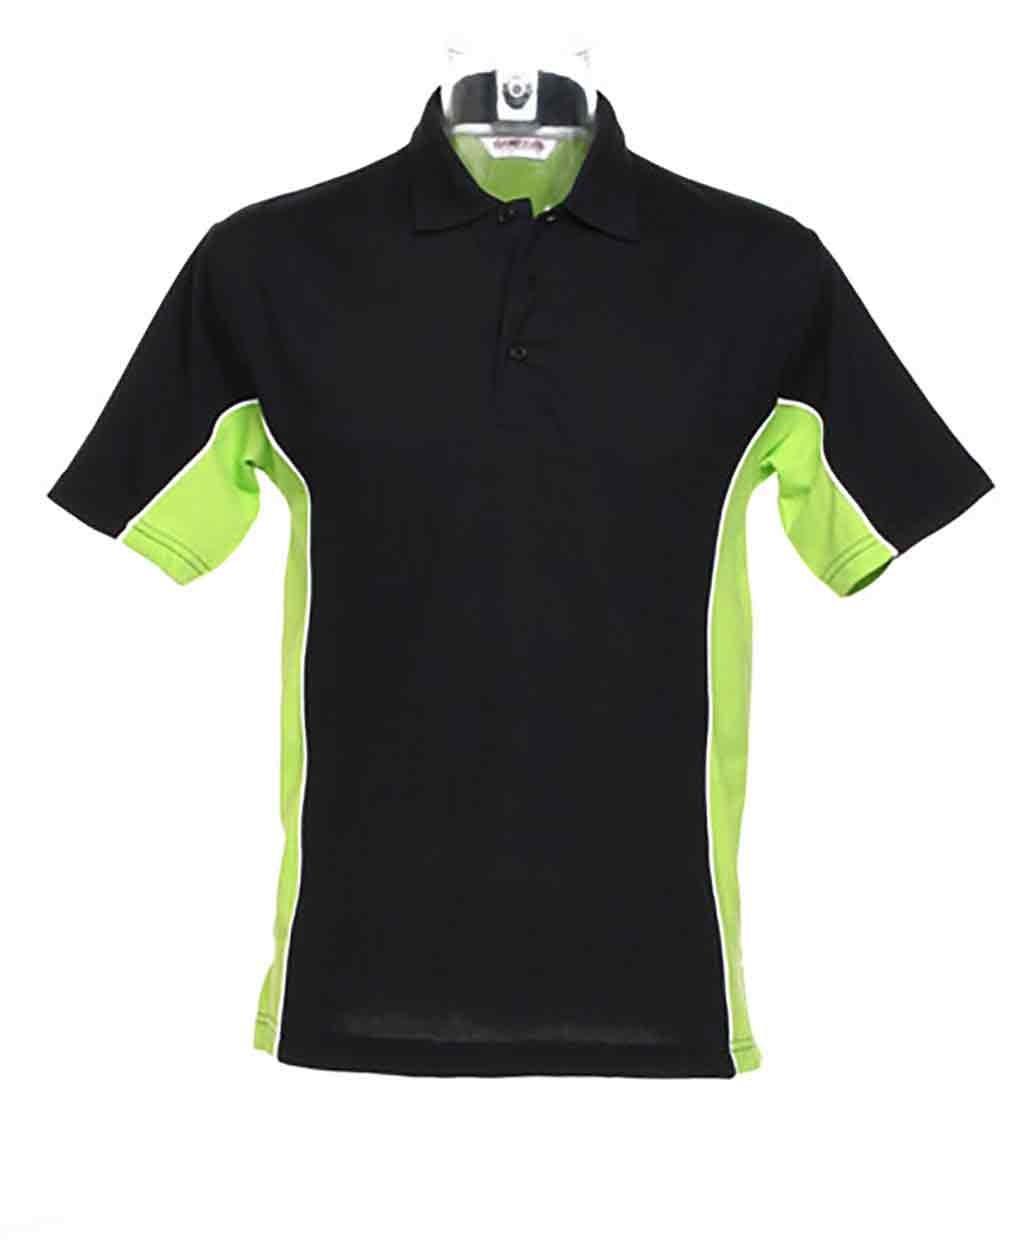 Gamegear Track Poly Cotton Pique Polo Shirt Cotton Contrast Polos